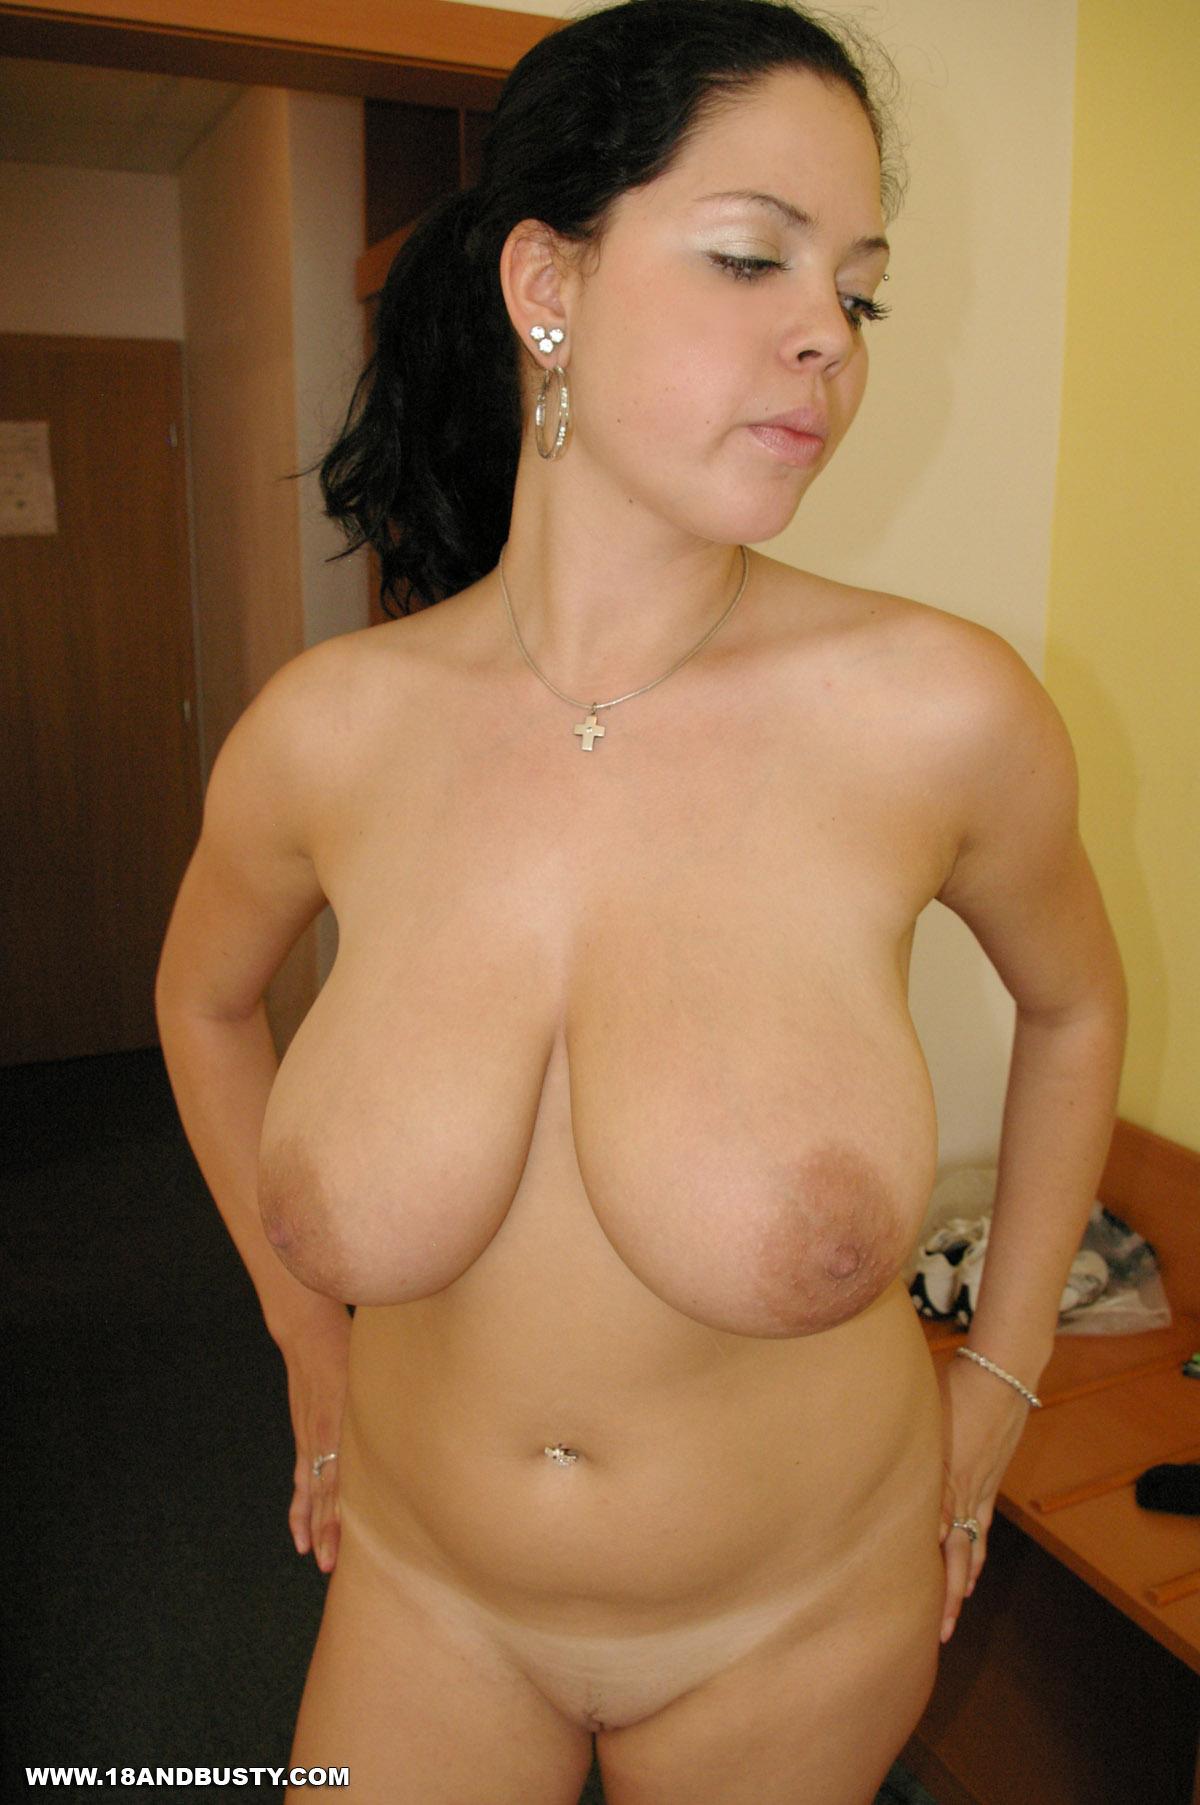 Shione cooper nude